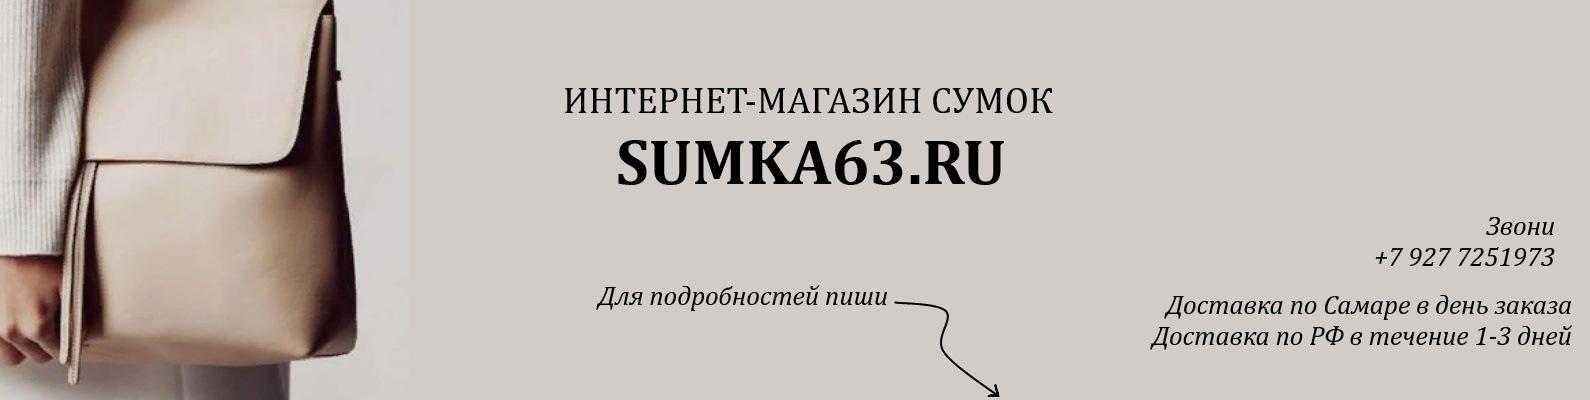 6755e4c9e8c2 Сумки - Интернет-магазин мужских и женских сумок | ВКонтакте